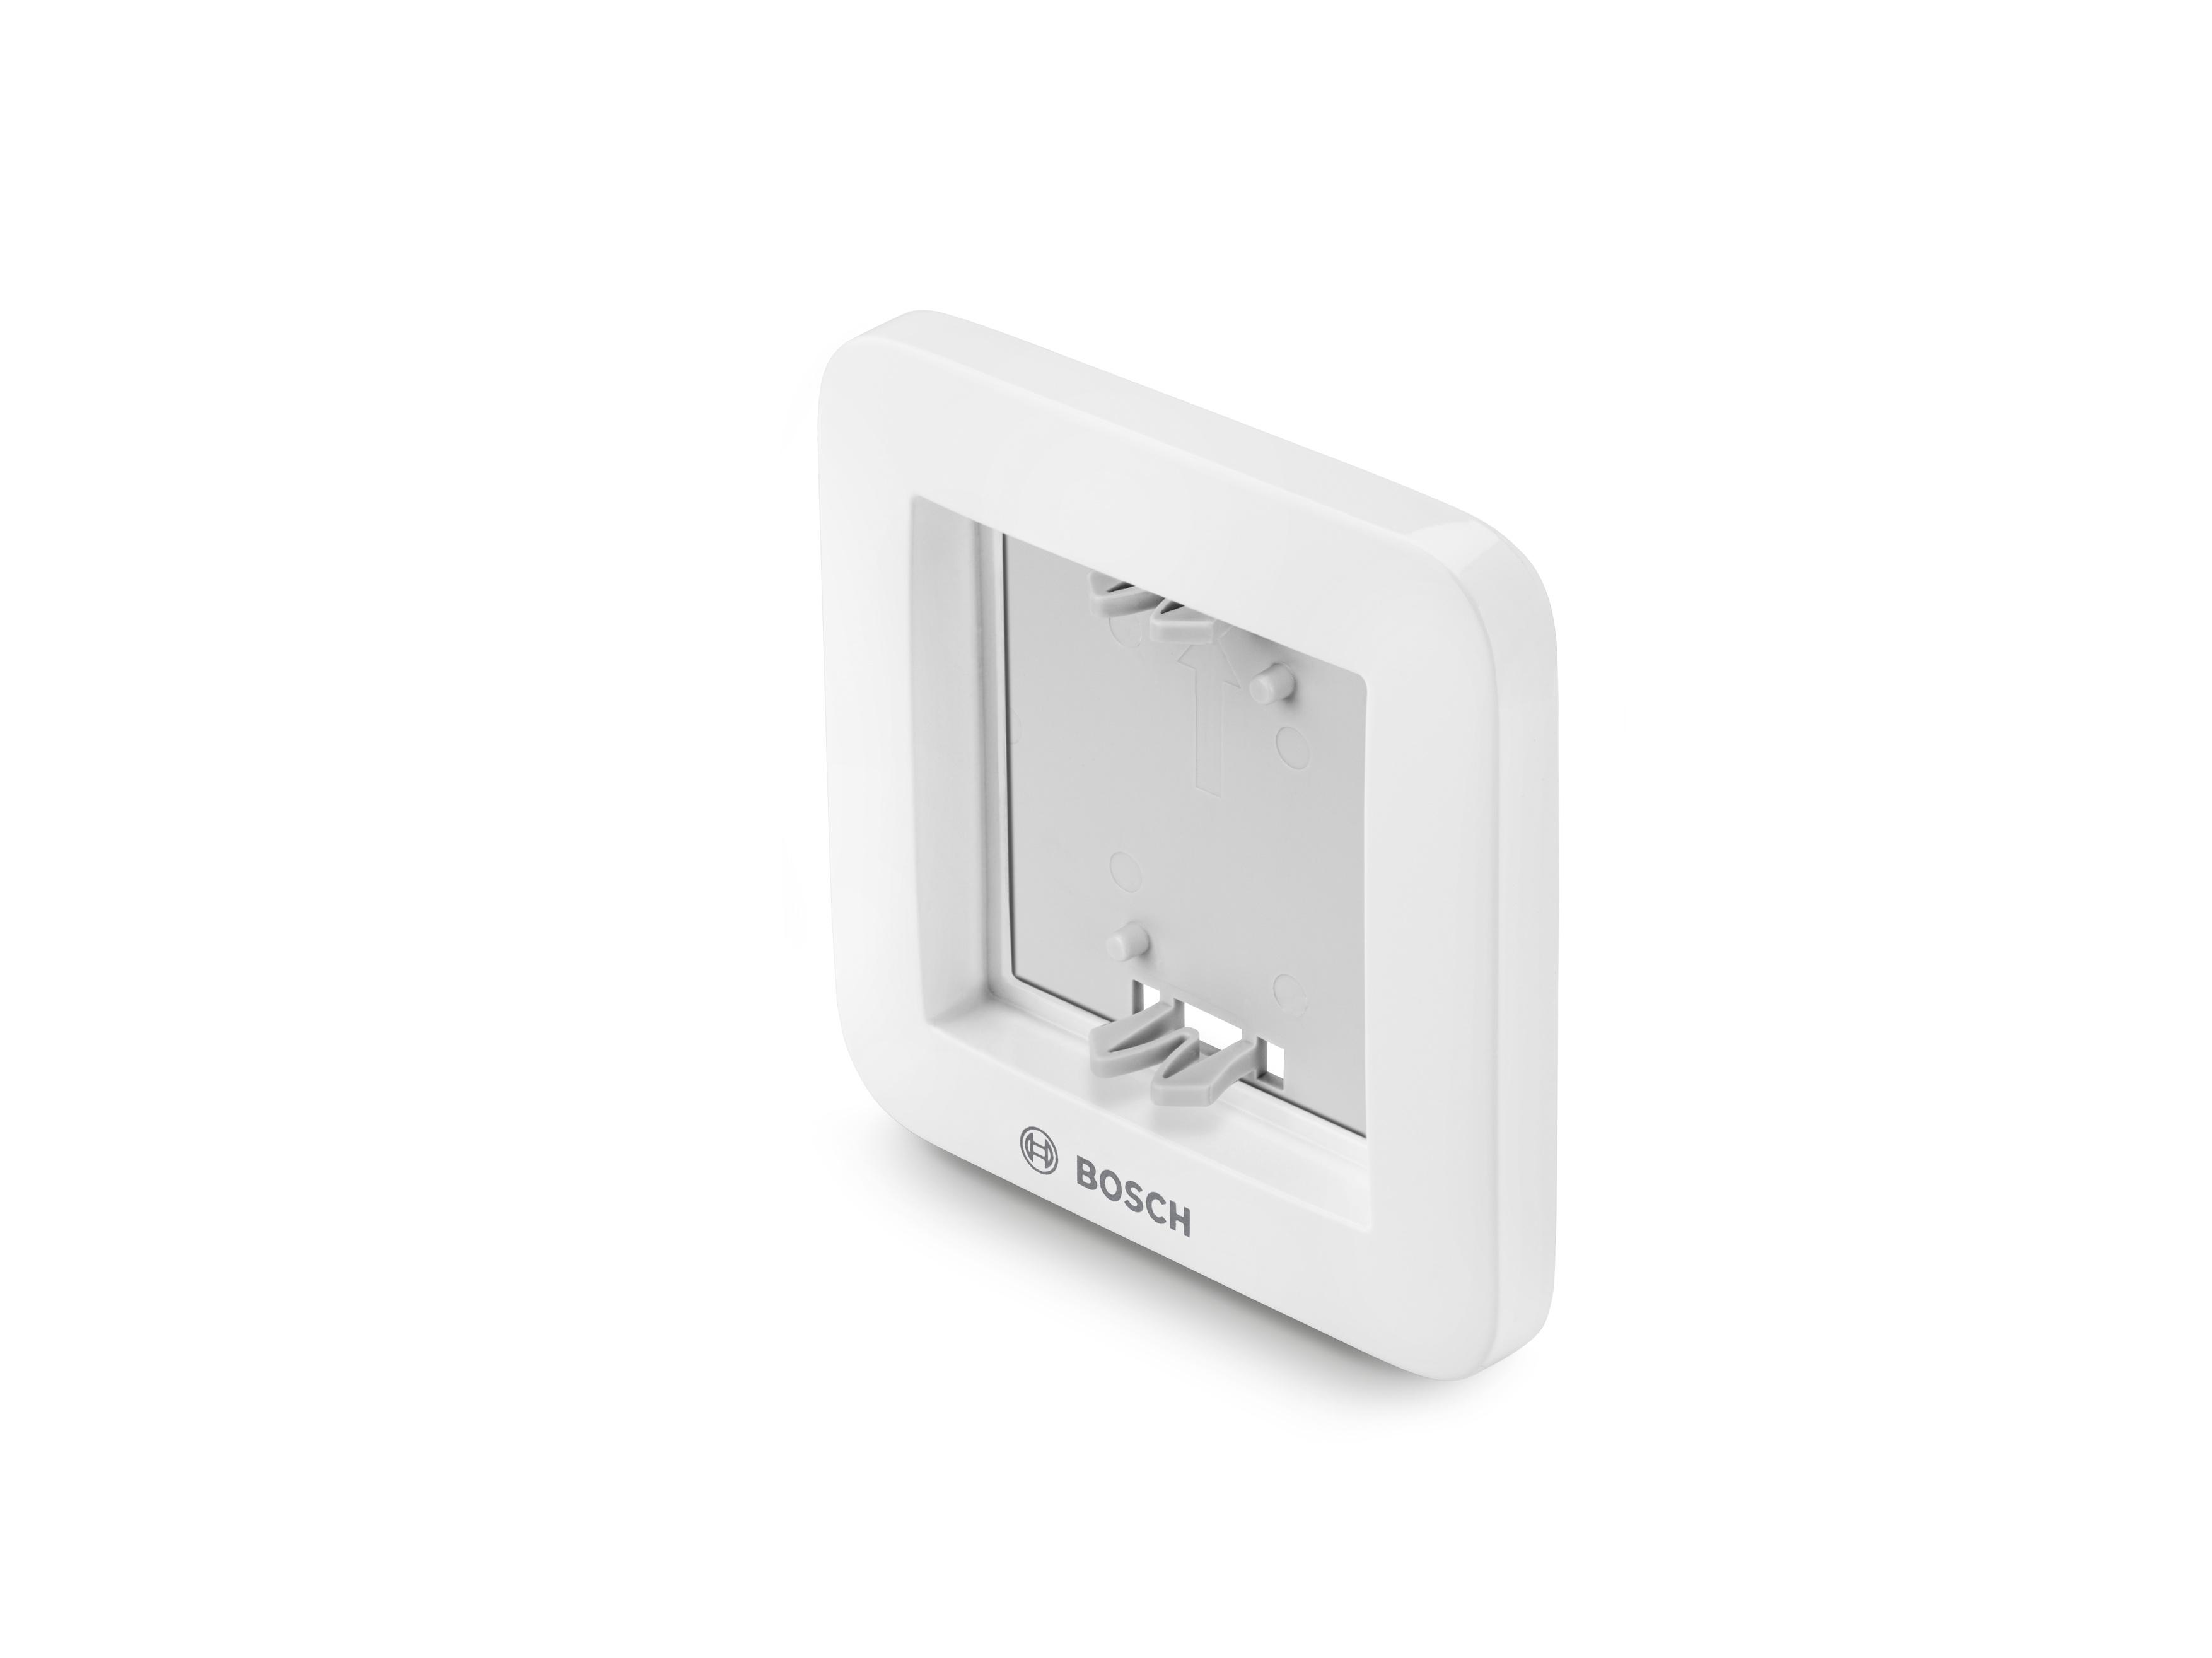 Bosch Kühlschrank Schalter : Mehr sicherheit mehr komfort mehr möglichkeiten bosch media service